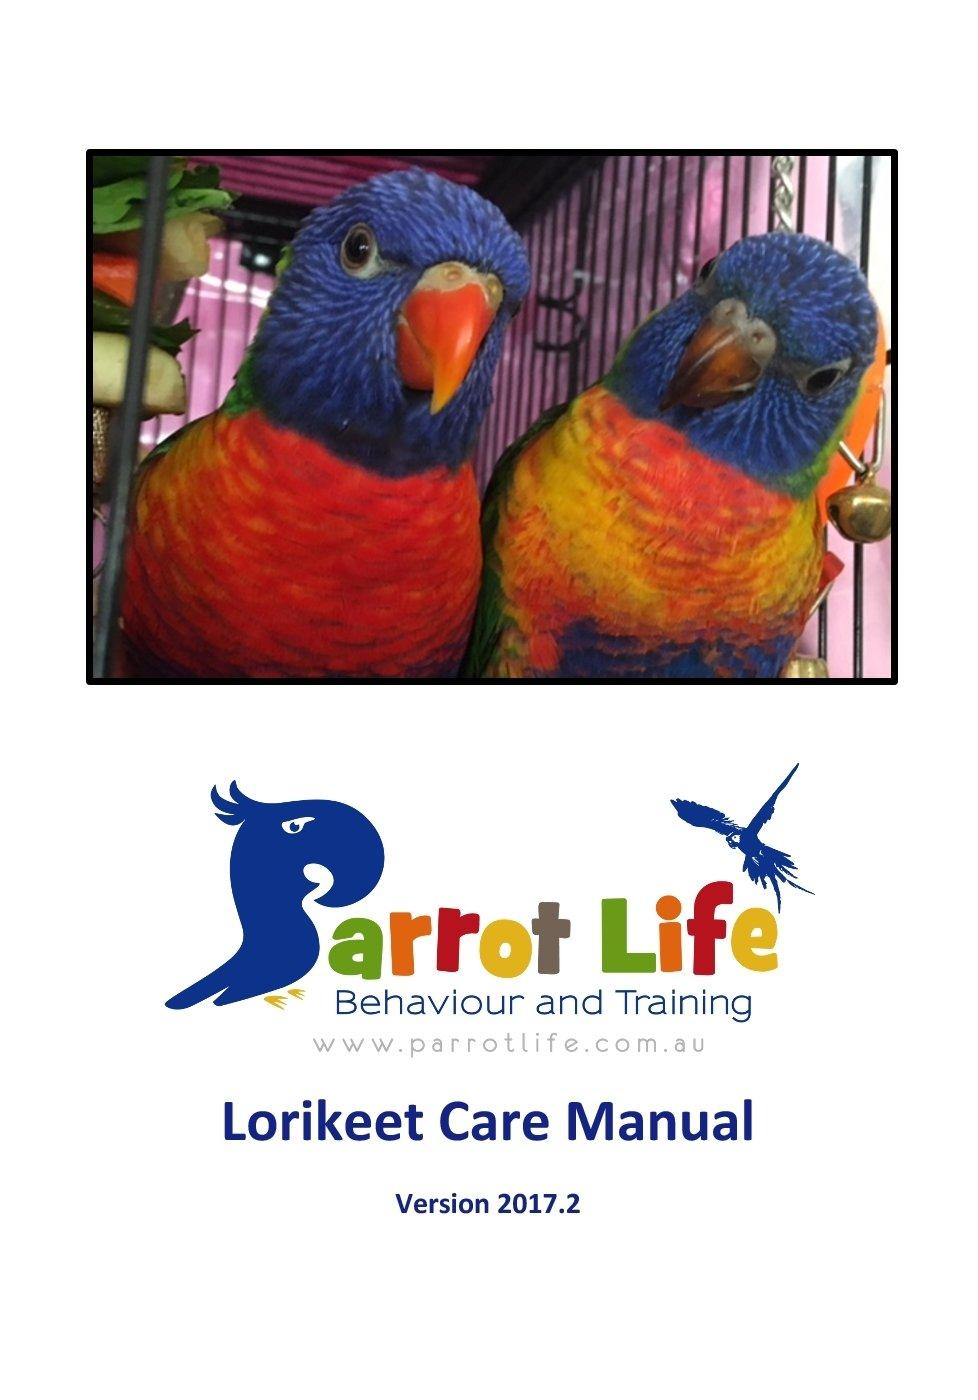 Parrot Life® Lorikeet Care Manual